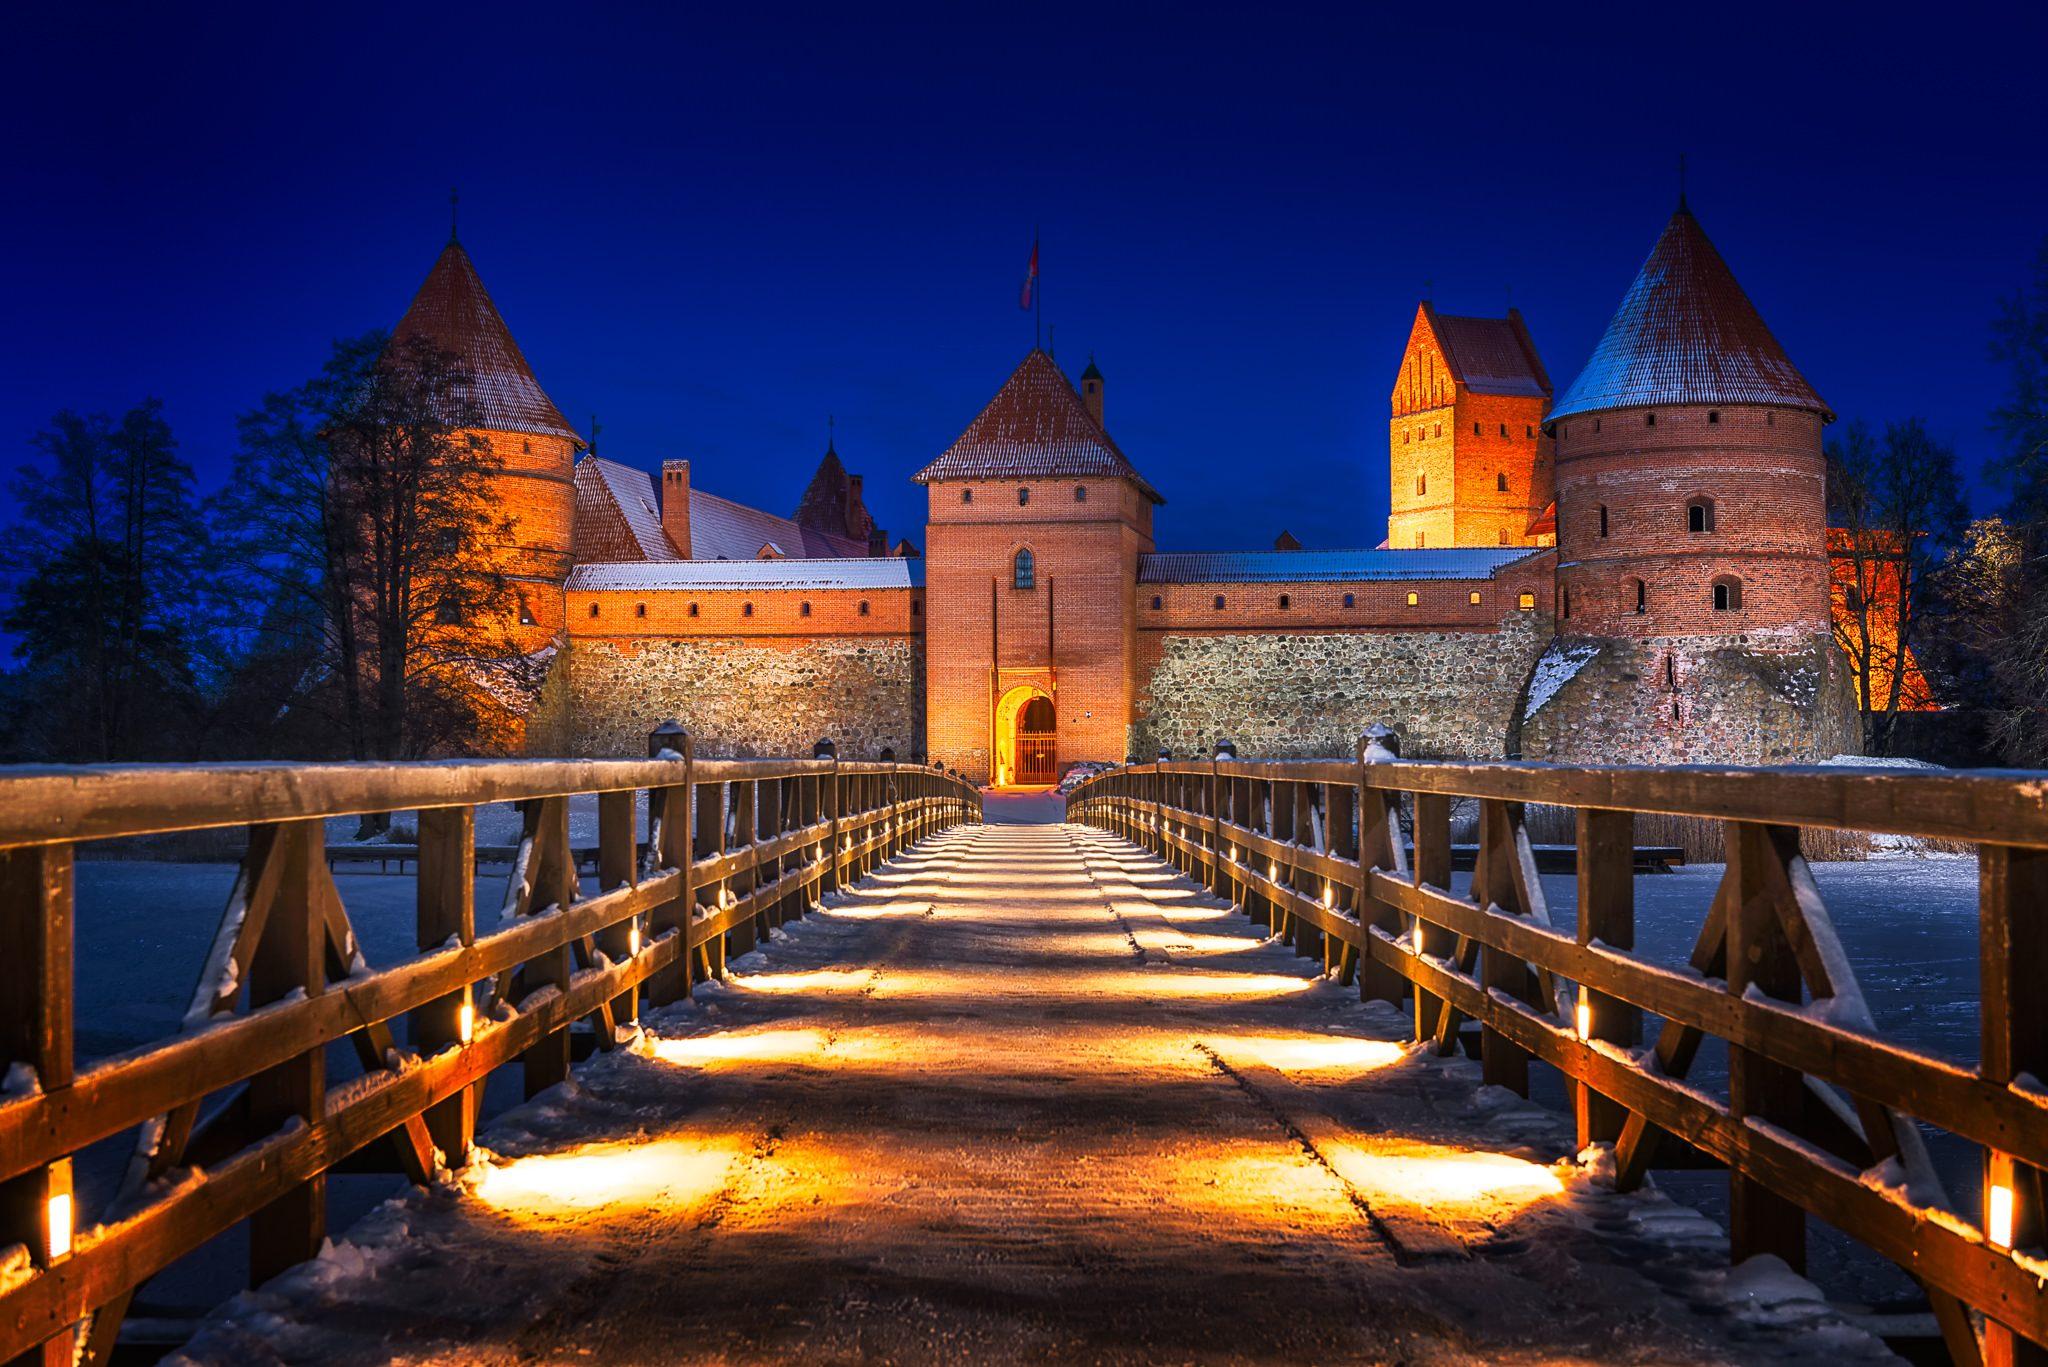 Die Wasserburg Trakai in Litauen, die in der Nähe der Hauptstadt Vilnius liegt.